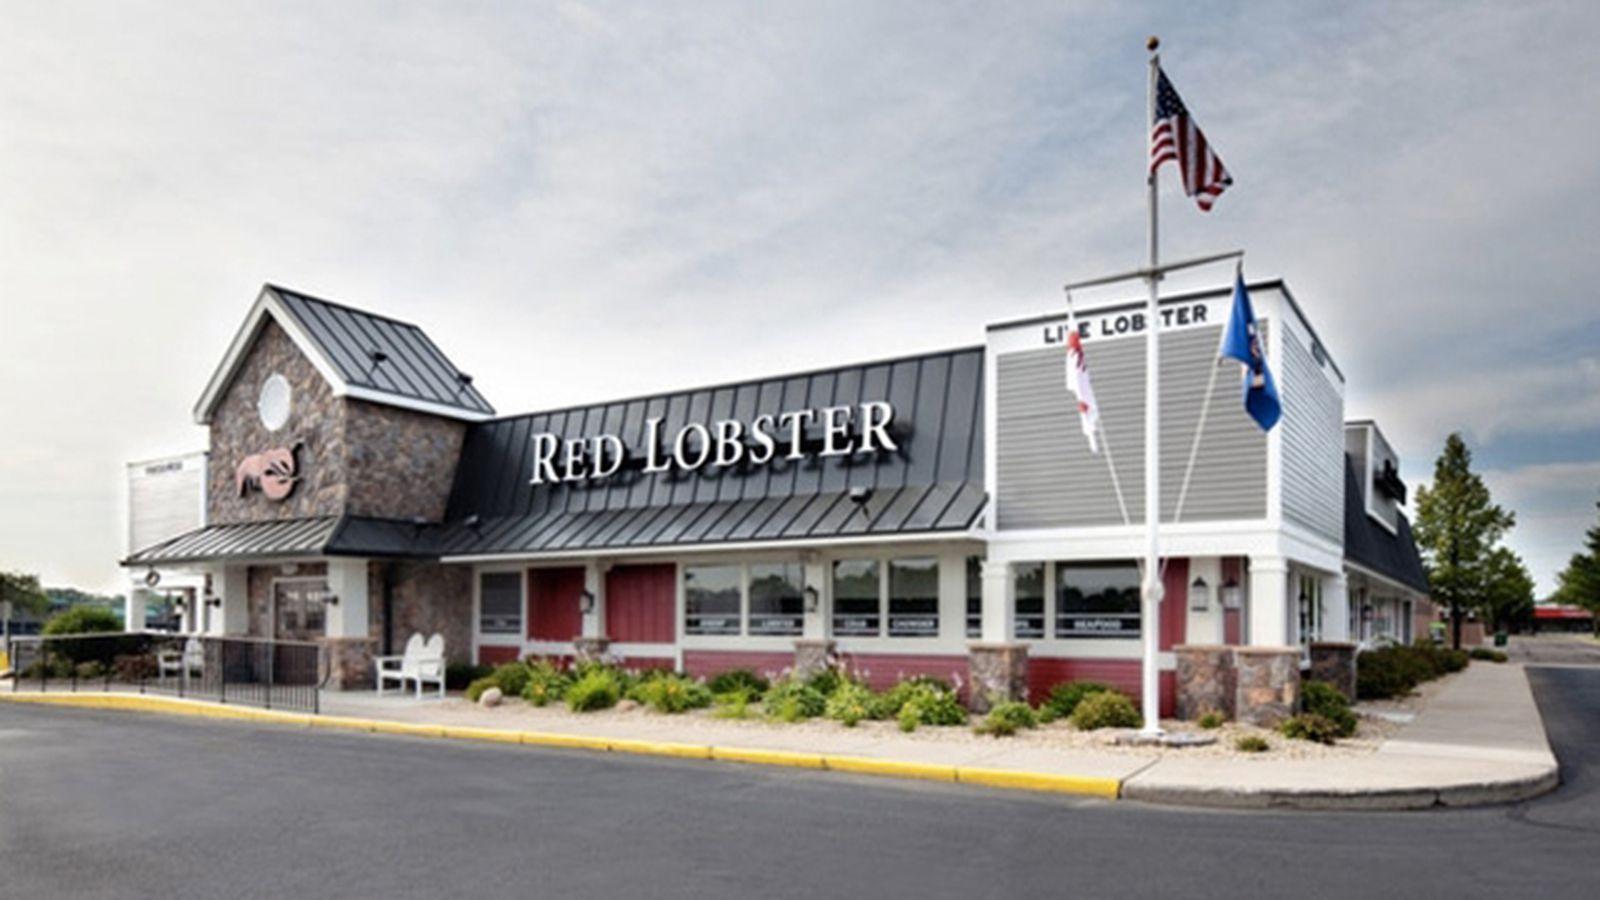 Fresh Lobster Near Boston